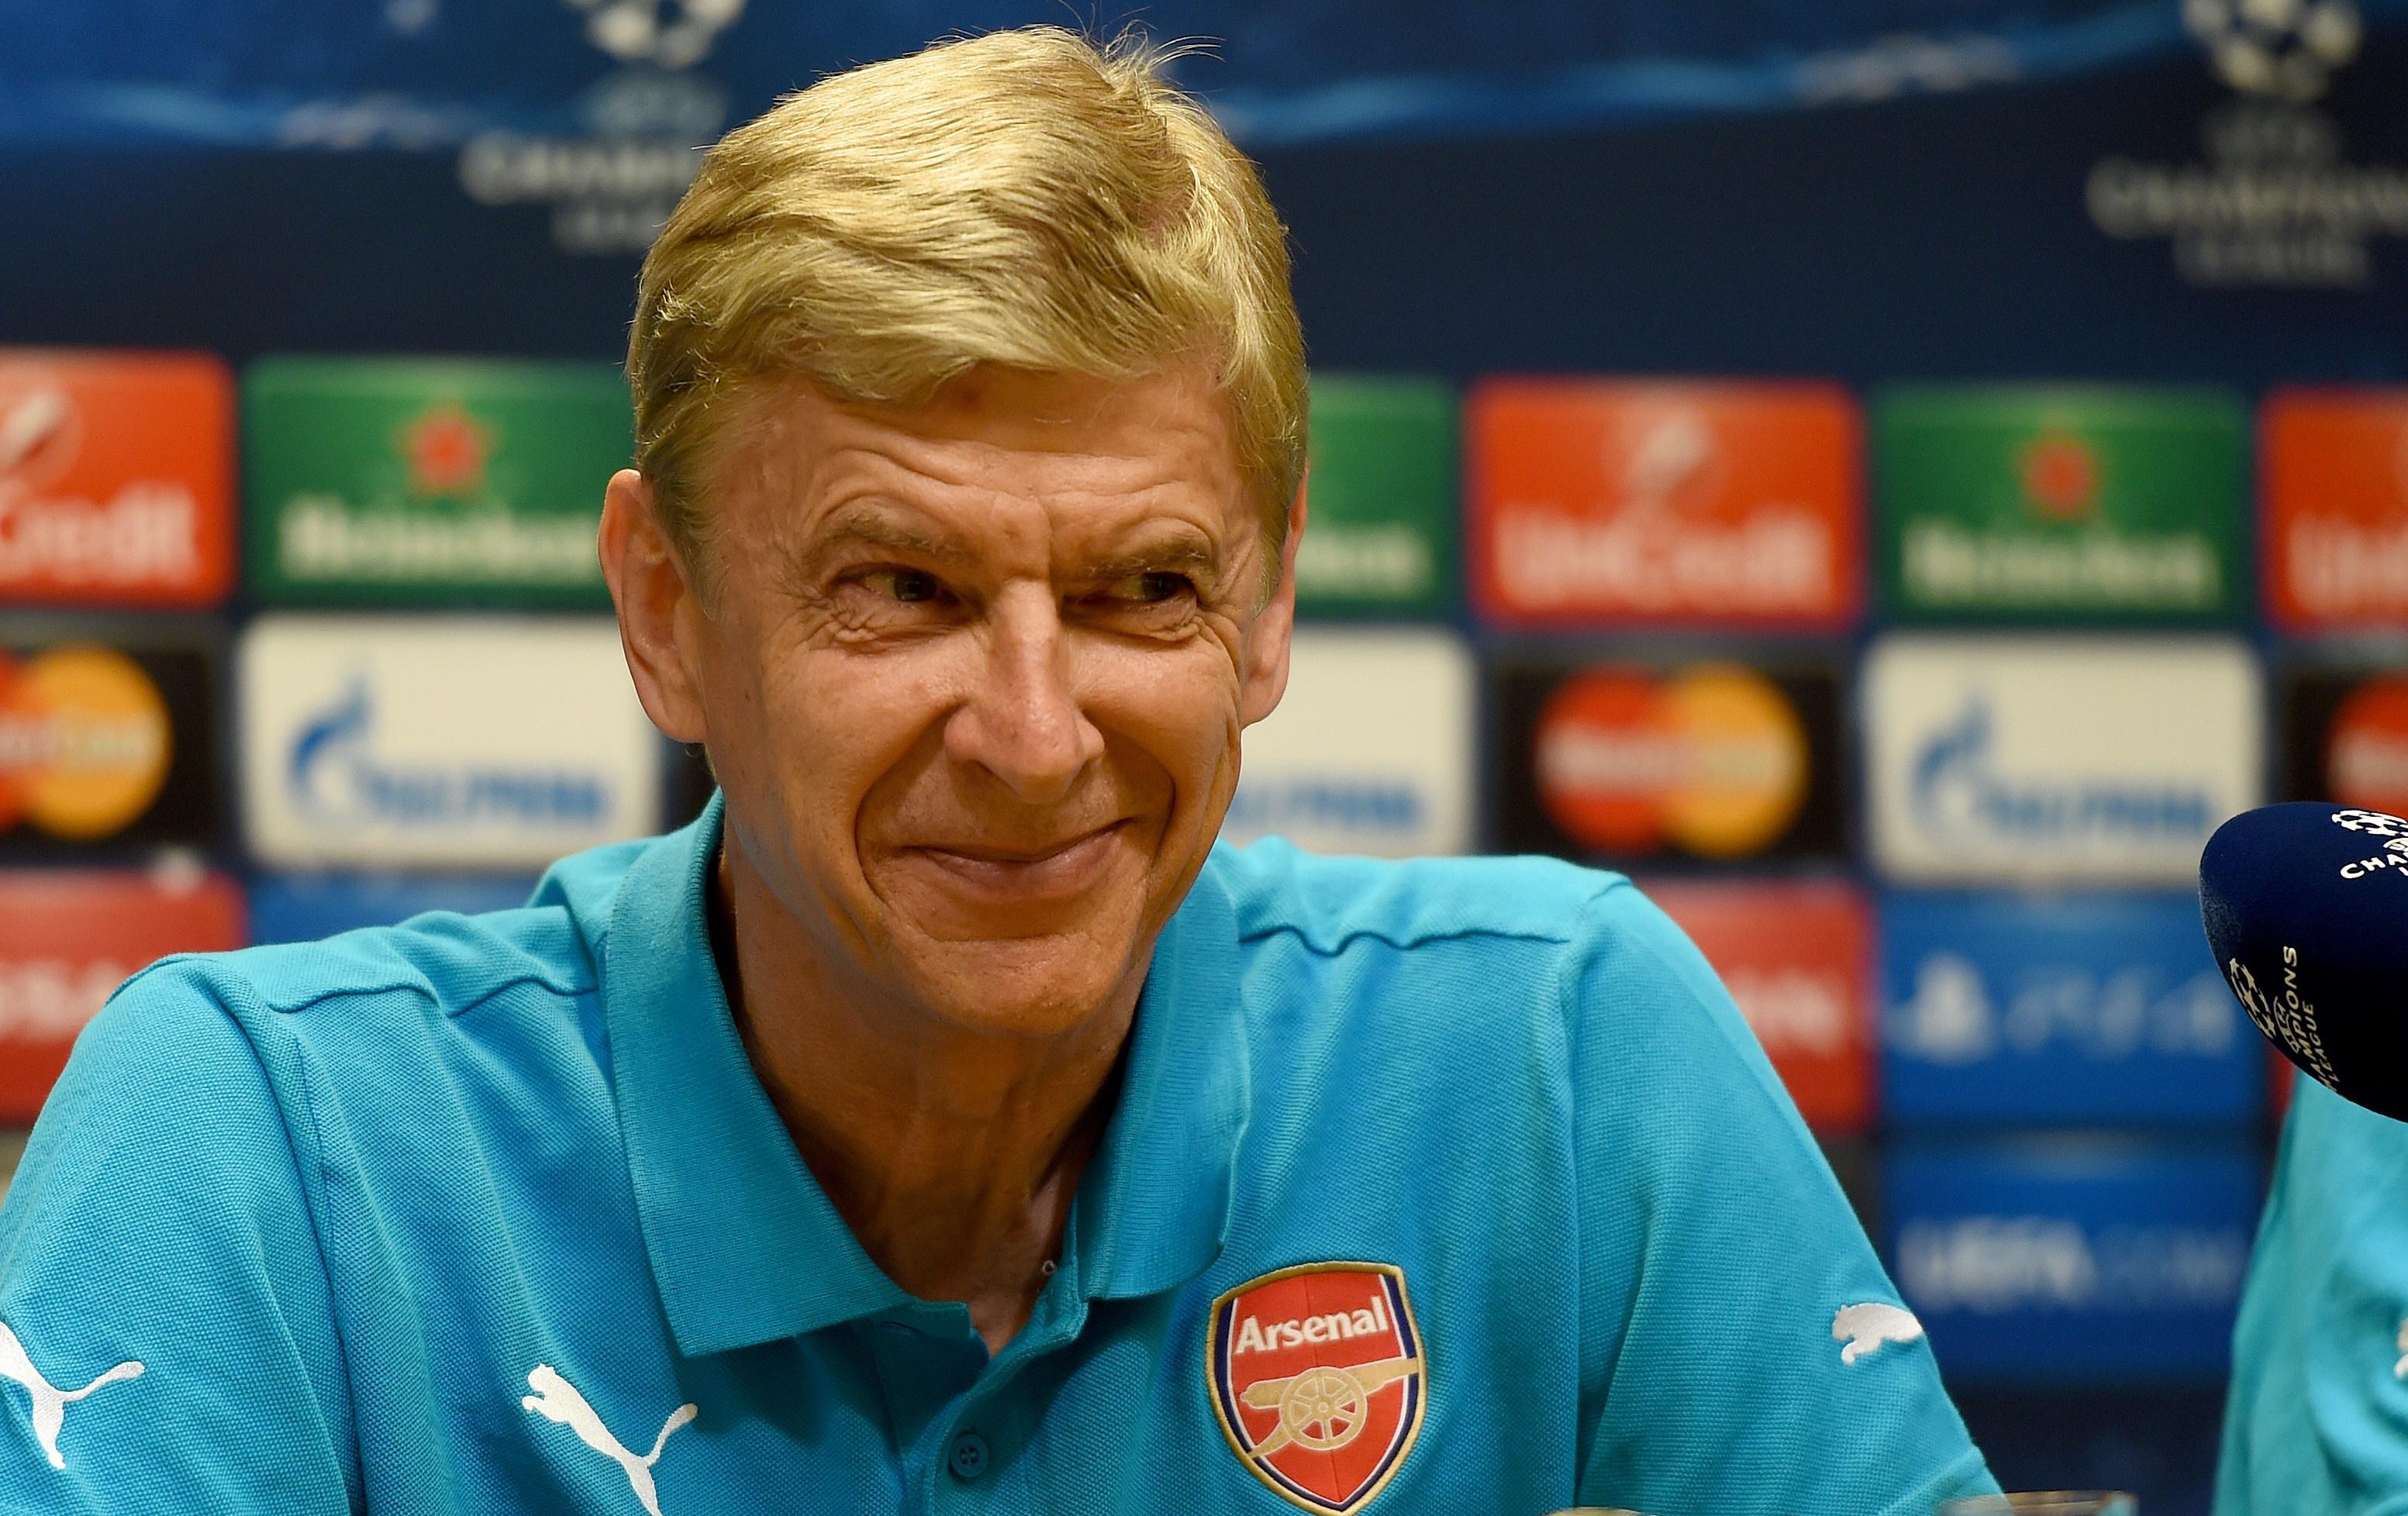 Arsene Wenger contacts Juventus star Miralem Pjanic as Arsenal ready £28million bid